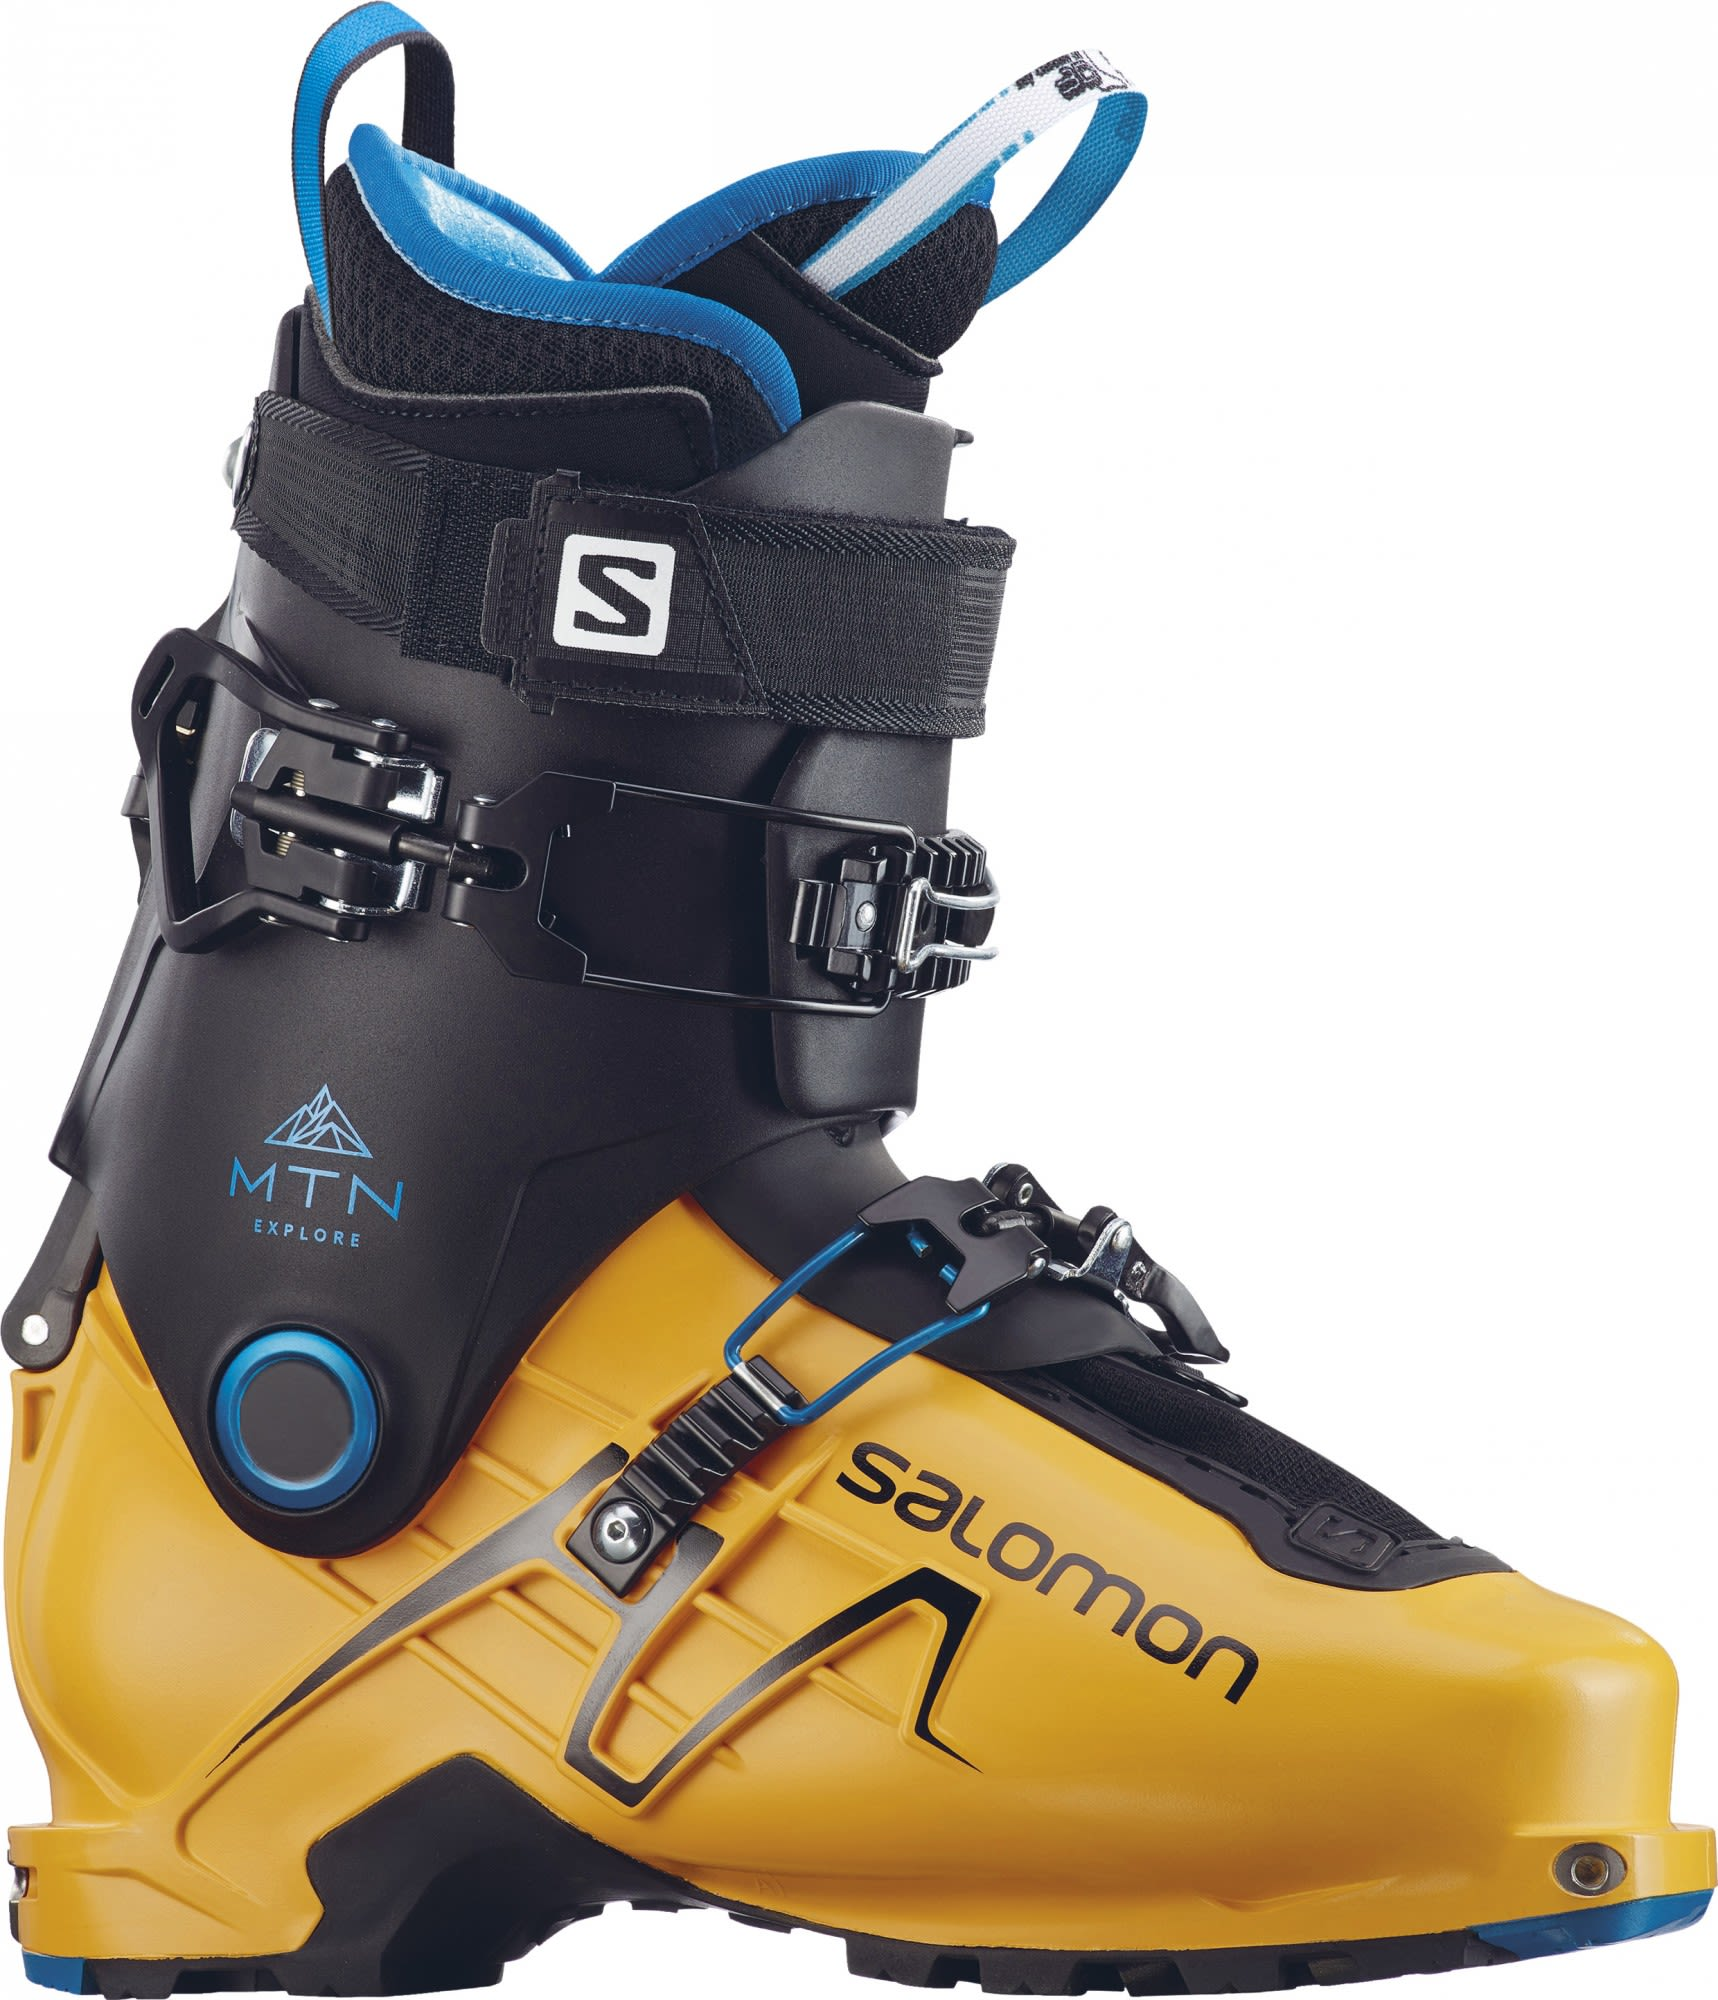 Salomon Mountain Explore (Modell Winter 2017) Schwarz, EU 41 -Farbe Safran -Blac